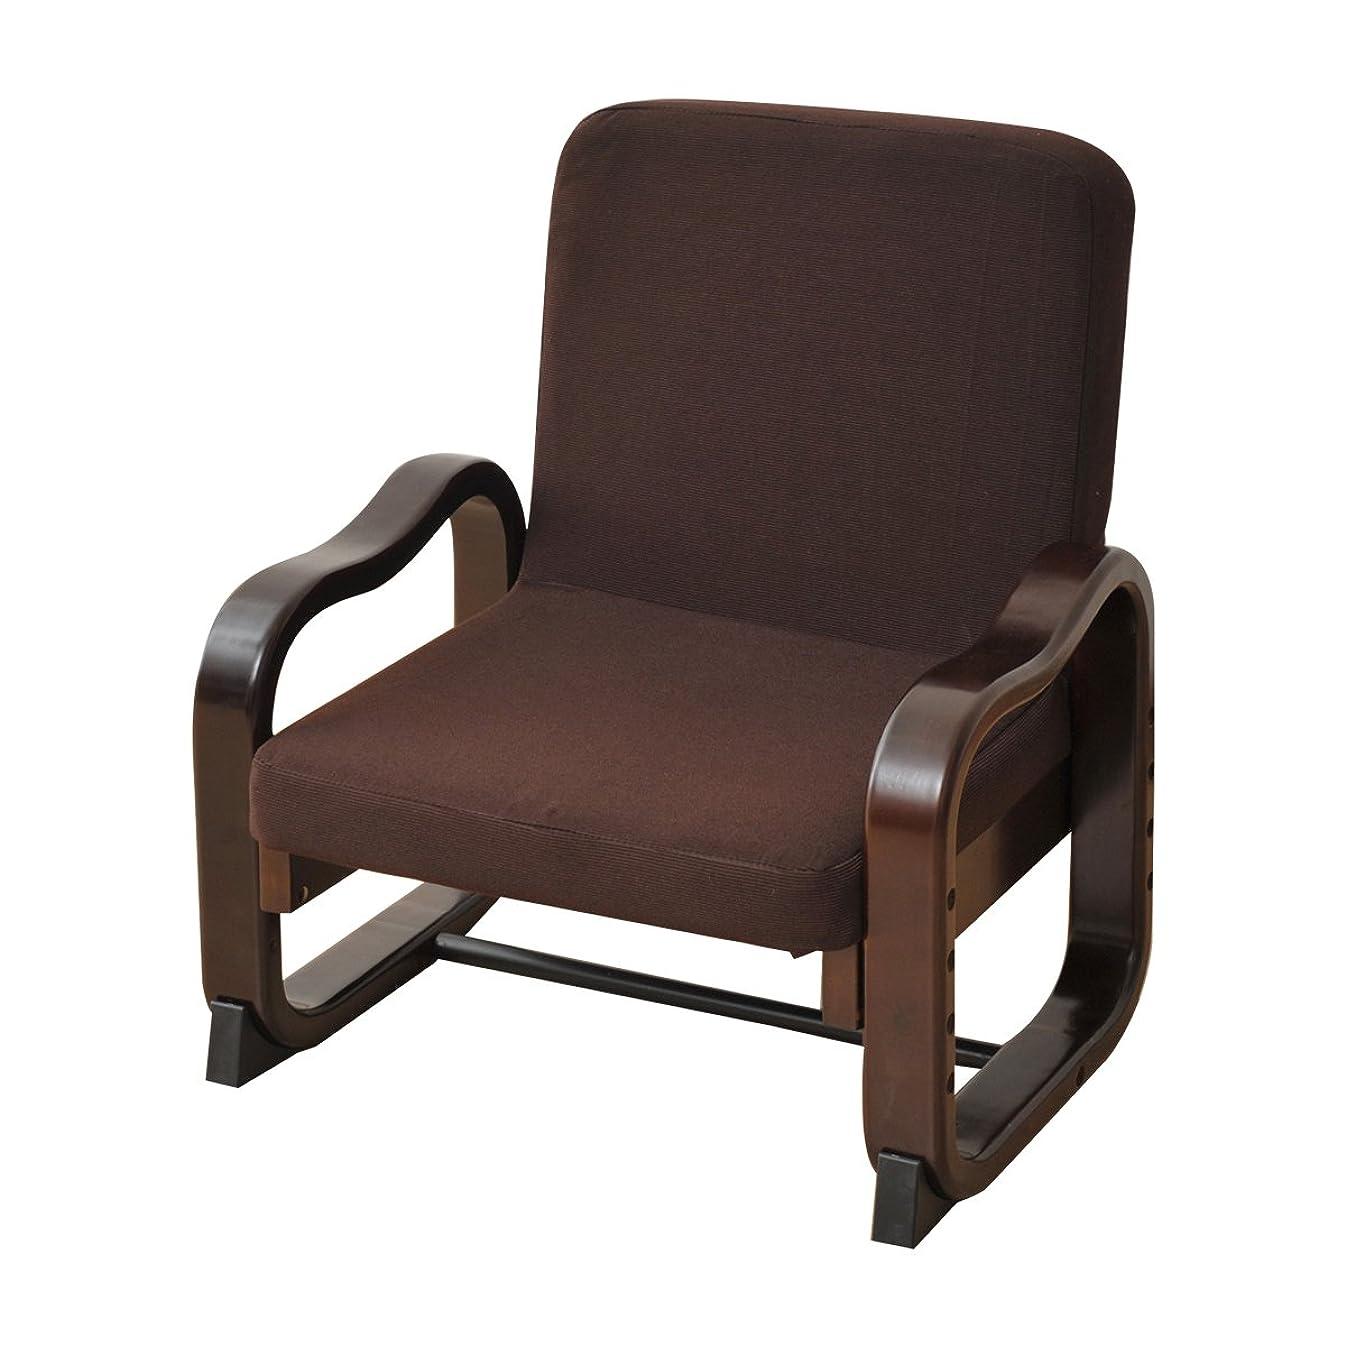 オークランド印象リゾート山善 和室用 座椅子 立ち上がり楽々 優しい座椅子(ハイバック)  高さ調節機能付き ダークブラウン SKC-56H(DBR)